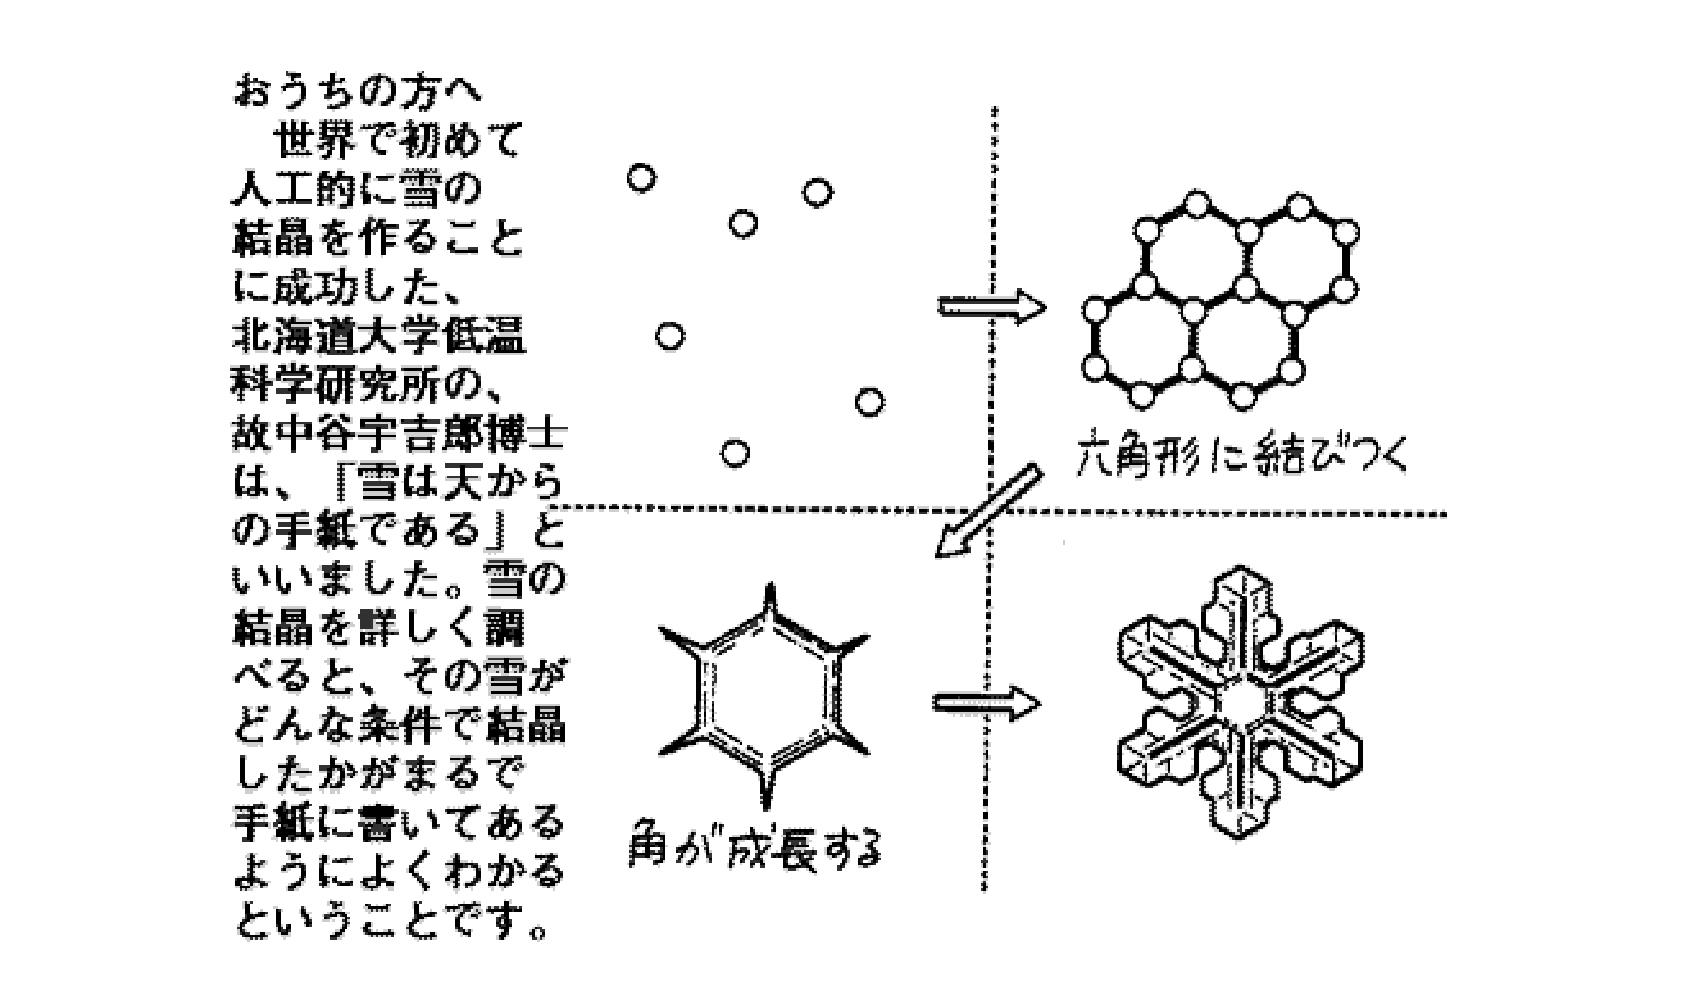 どうして雪の結晶は6角形になるの